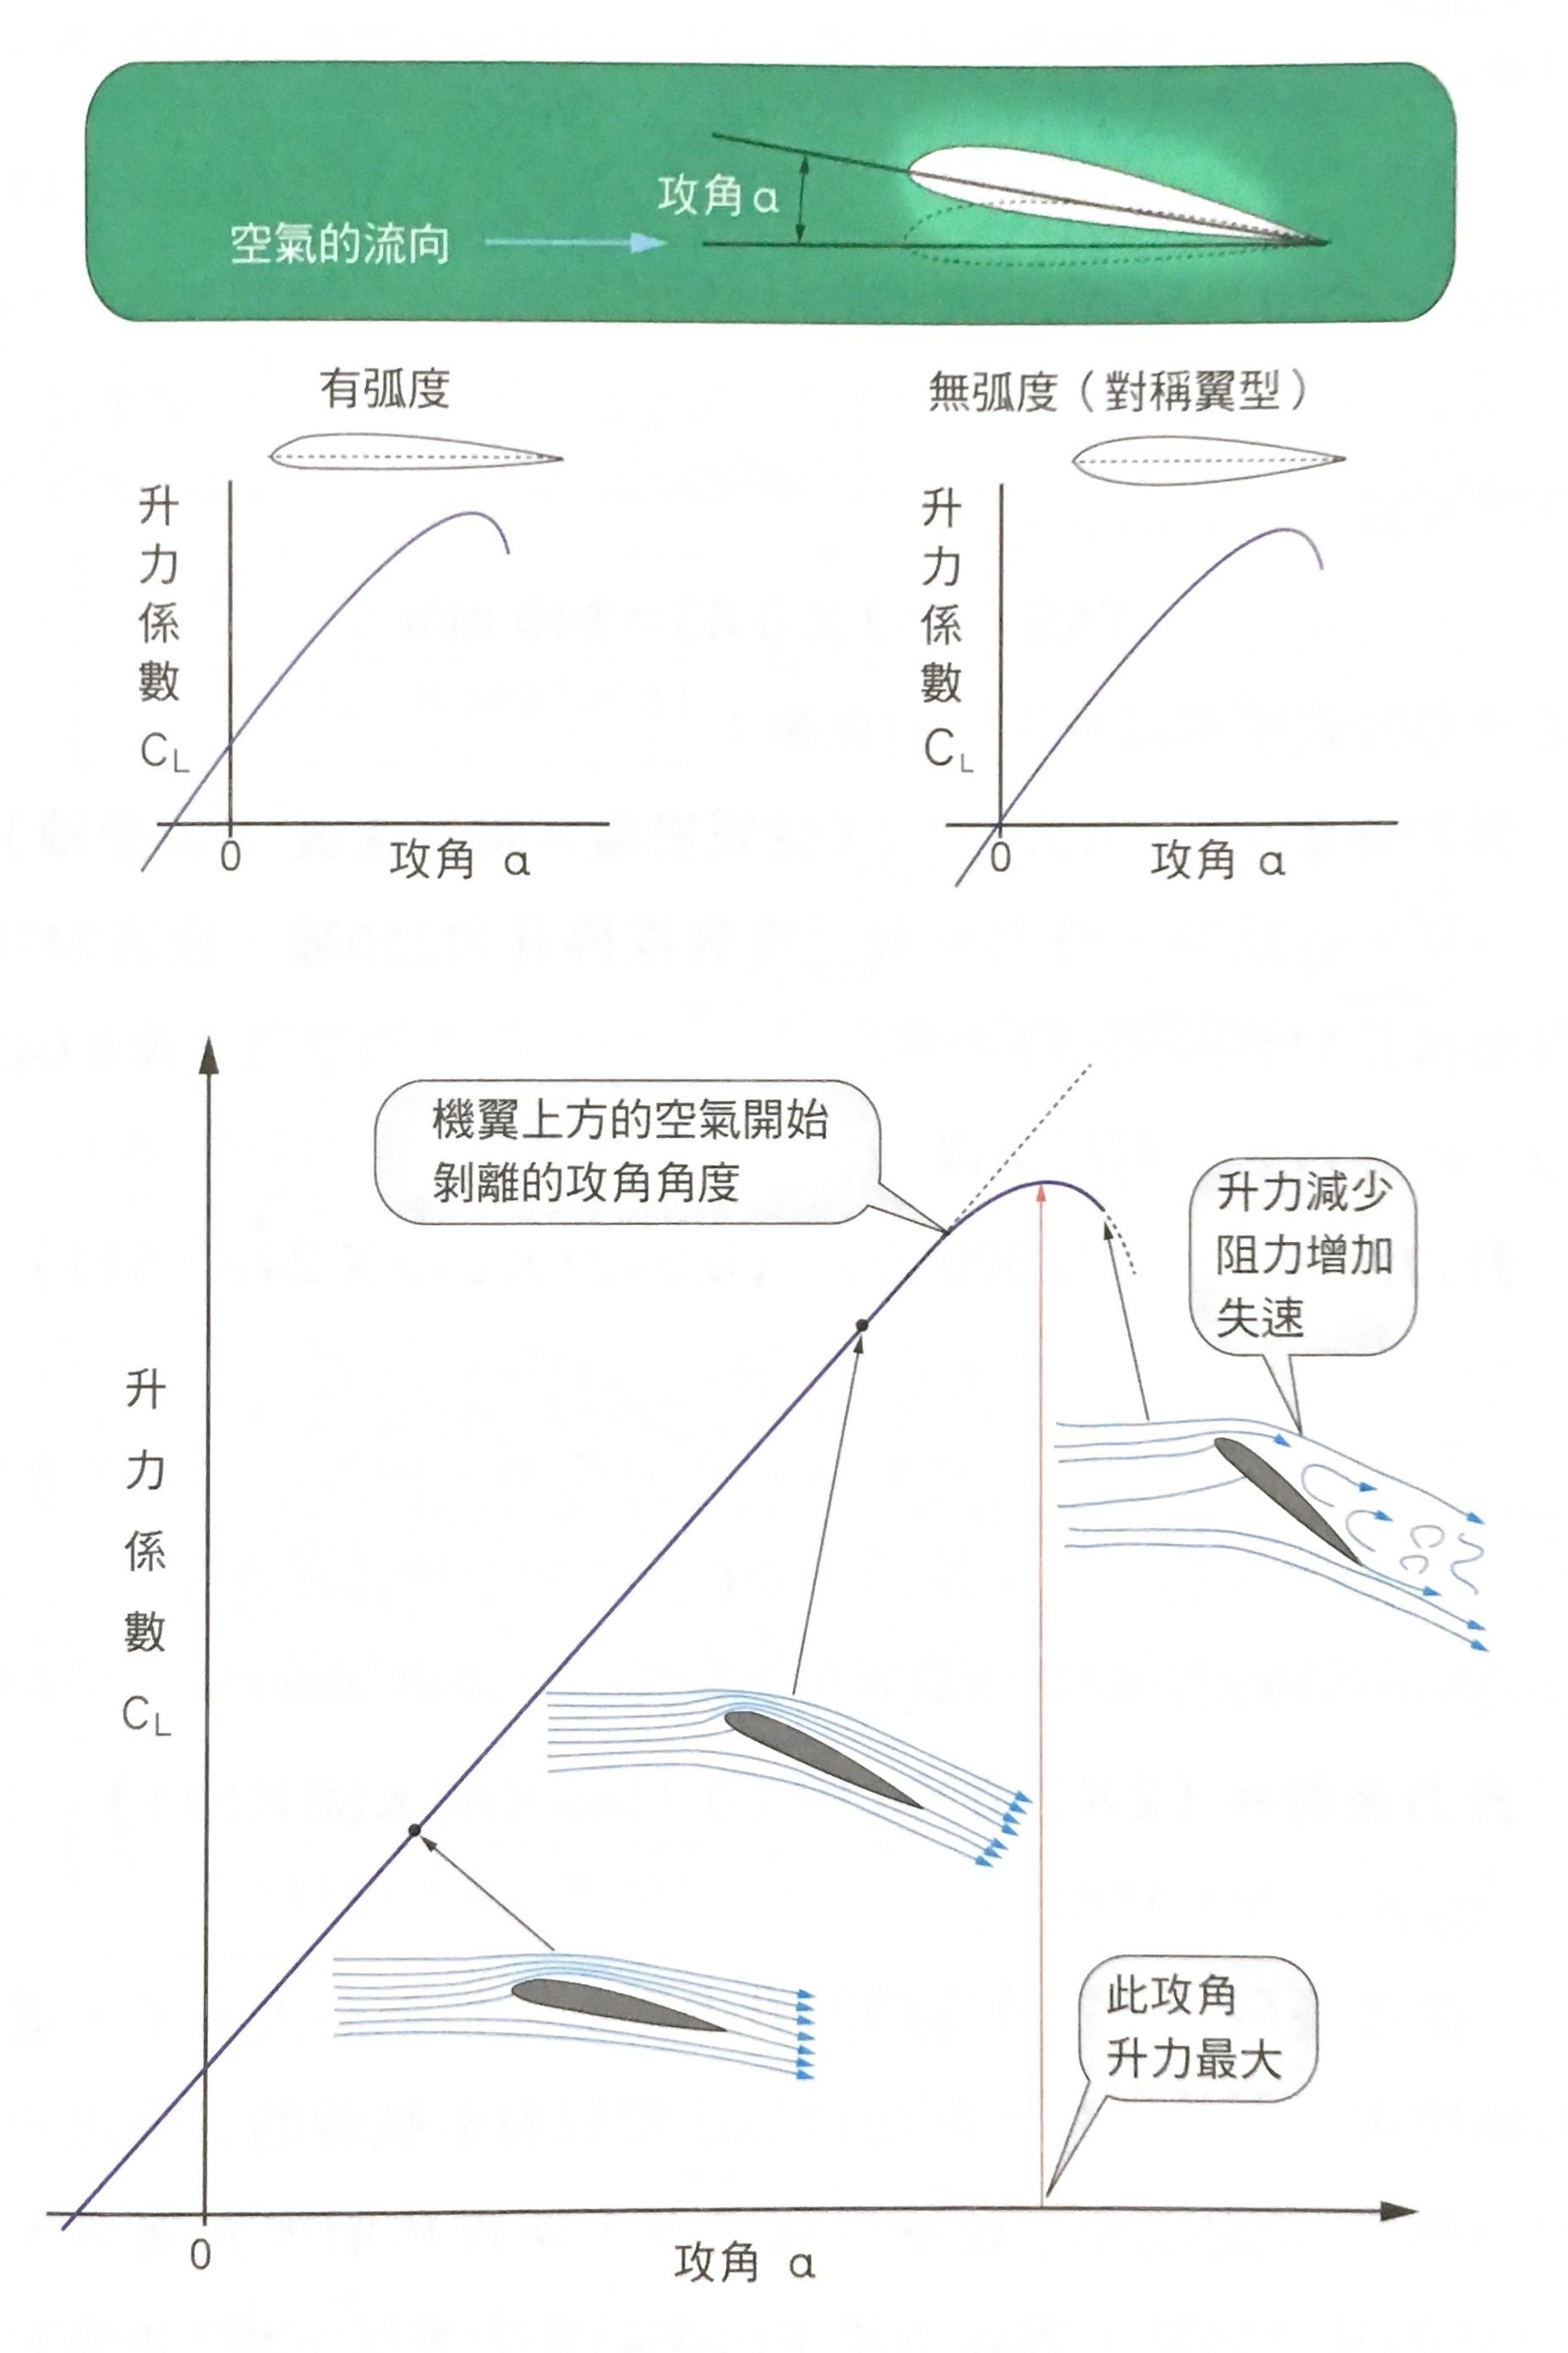 攻角與升力係數